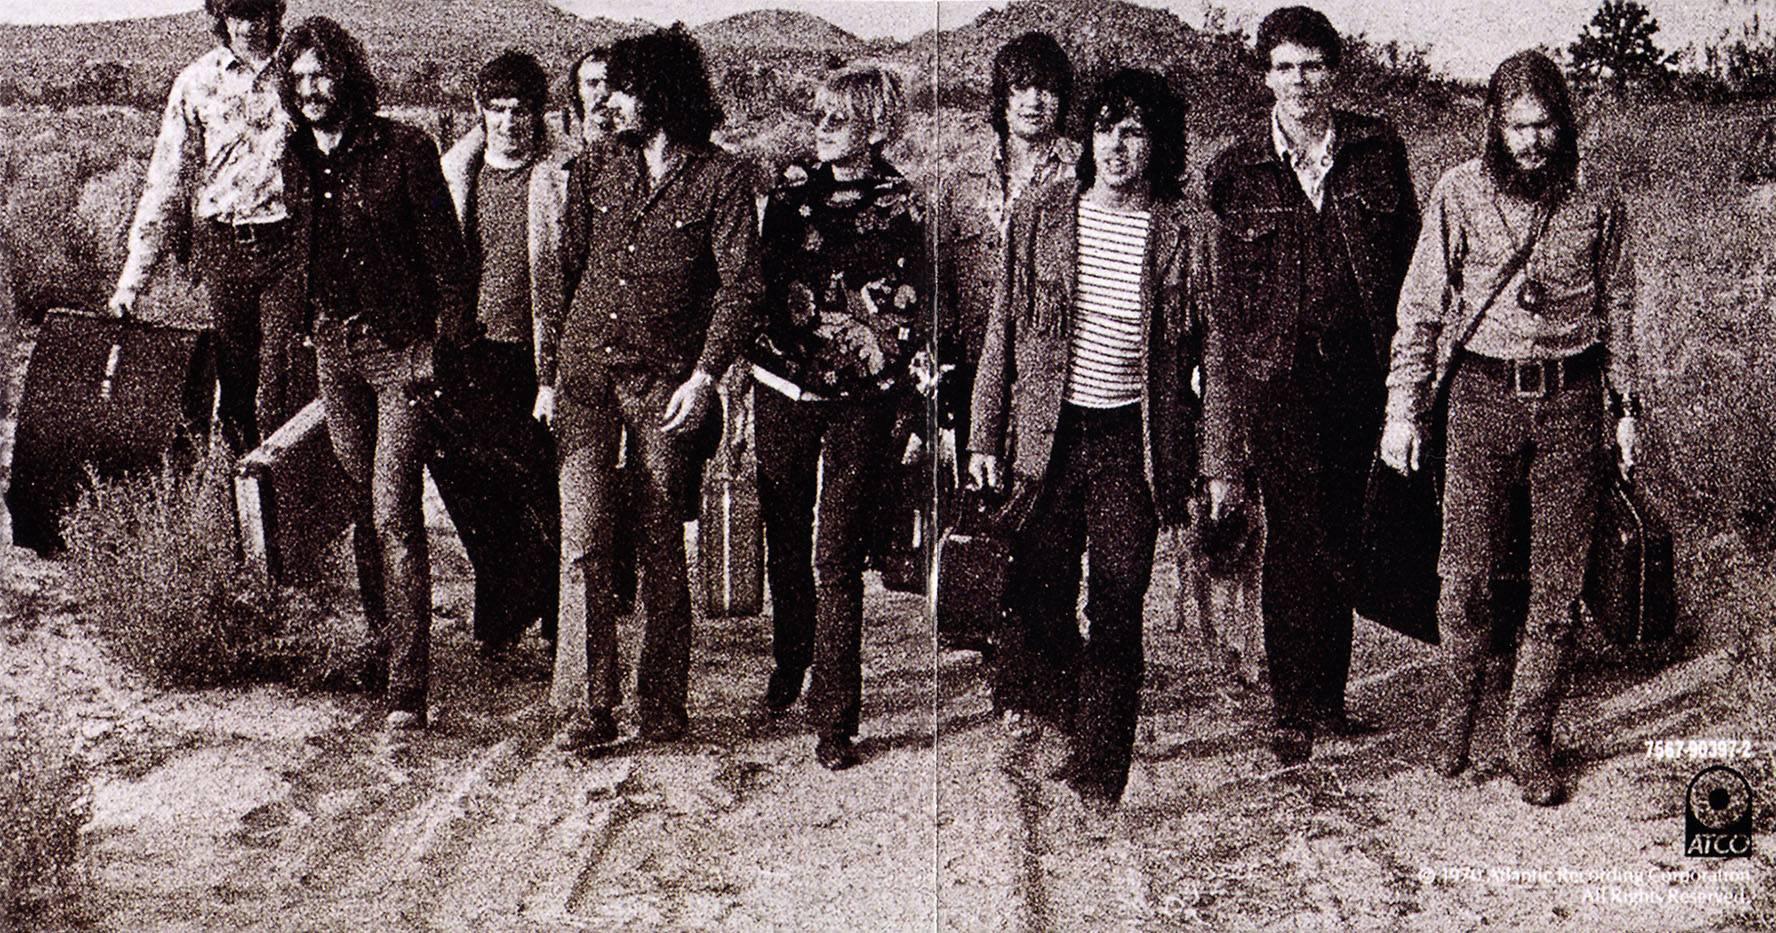 Delaney & Bonnie & Friends - On Tour With Eric Clapton (1970)